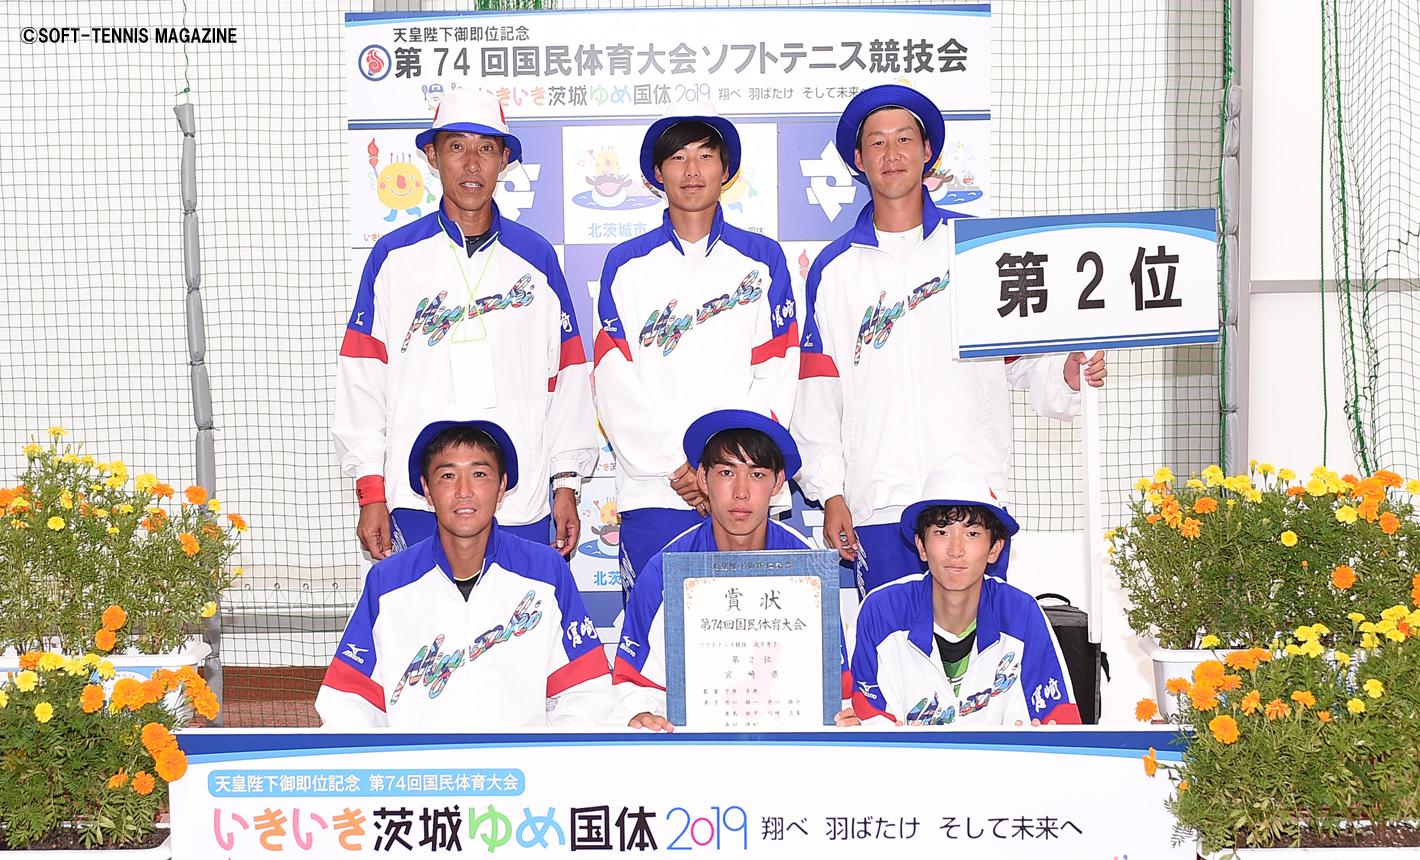 国体】成年男子は安定感の広島県が2年ぶりの優勝。成年女子は窮地に ...